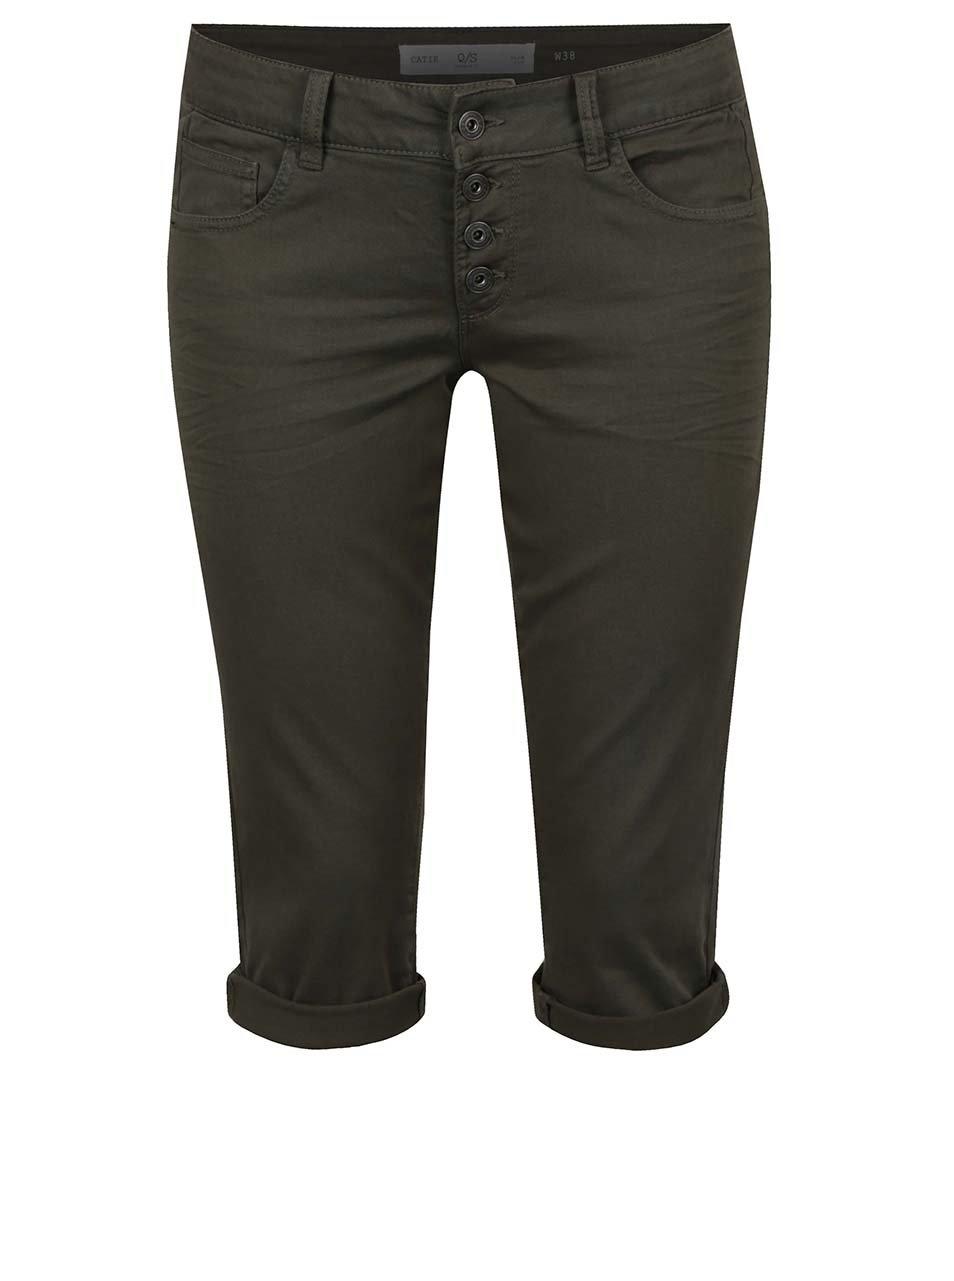 Khaki dámské 3/4 slim fit kalhoty s nízkým pasem QS by s.Oliver